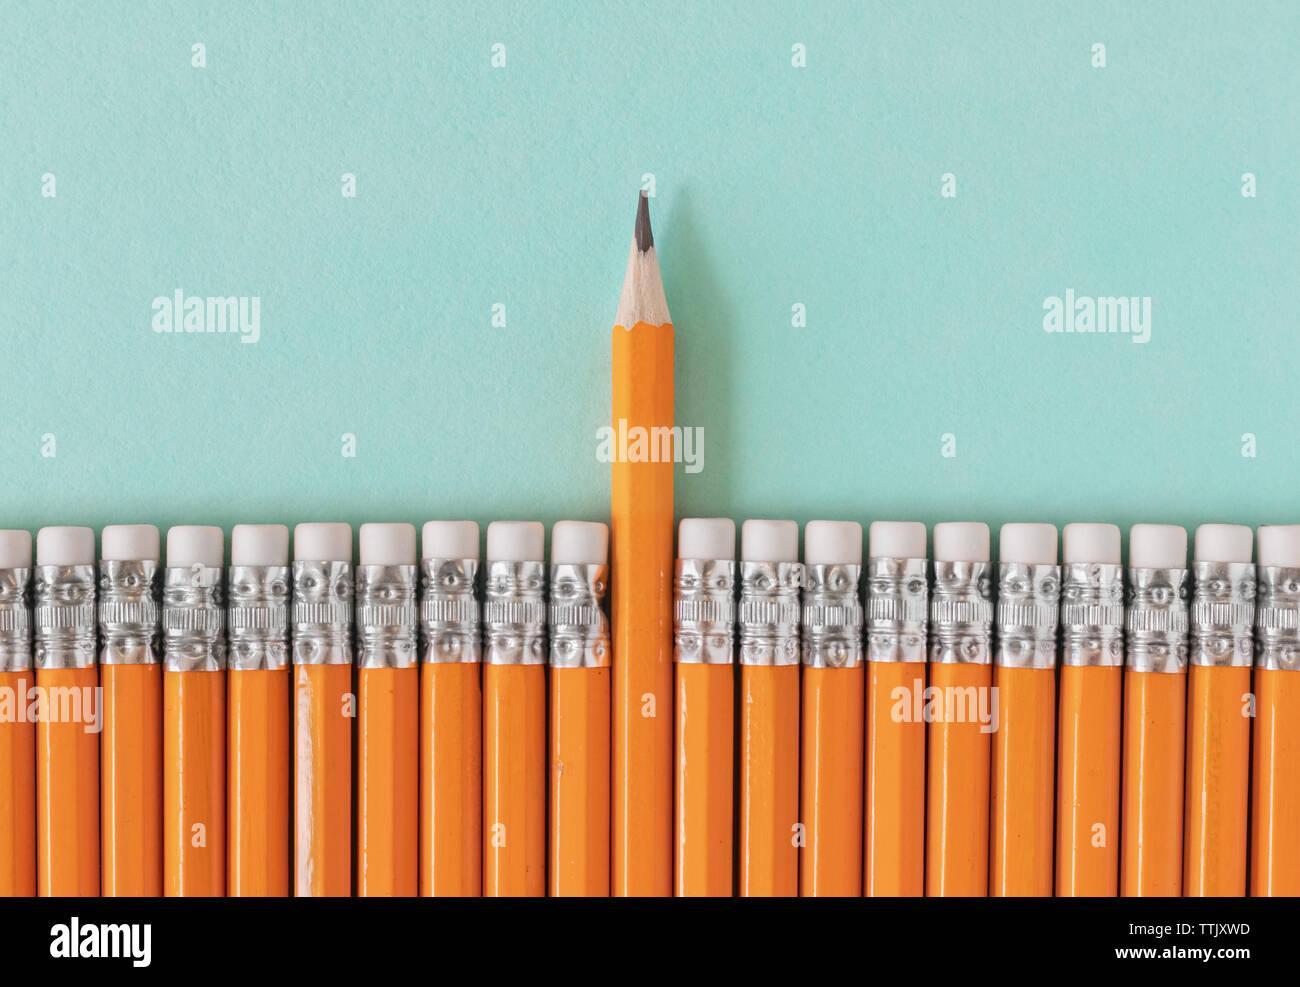 Fila de lápices de color naranja con un lápiz afilado. Liderazgo / pie de una muchedumbre concepto con espacio de copia. Foto de stock